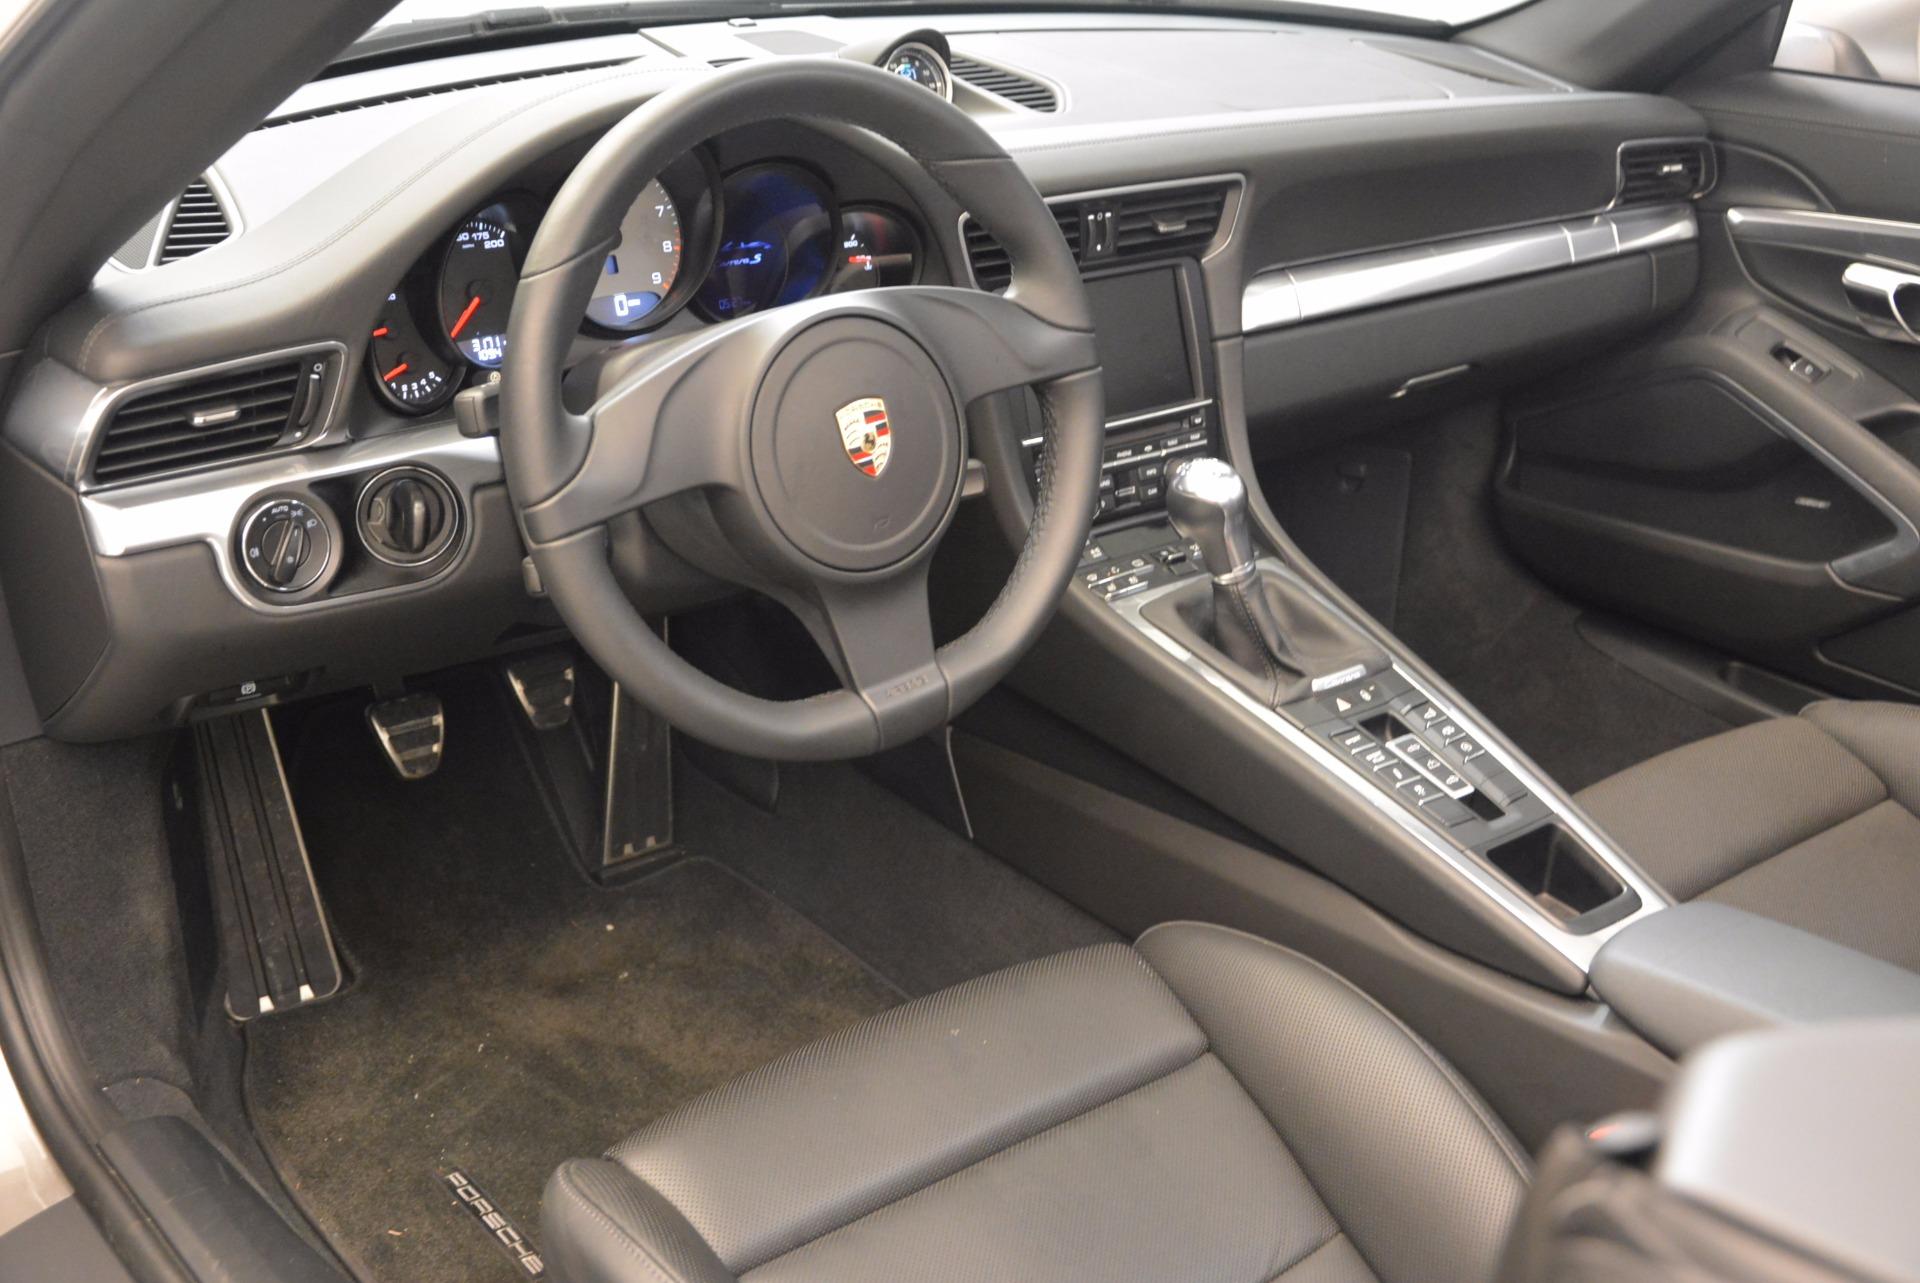 Used 2012 Porsche 911 Carrera S For Sale In Greenwich, CT 1790_p19